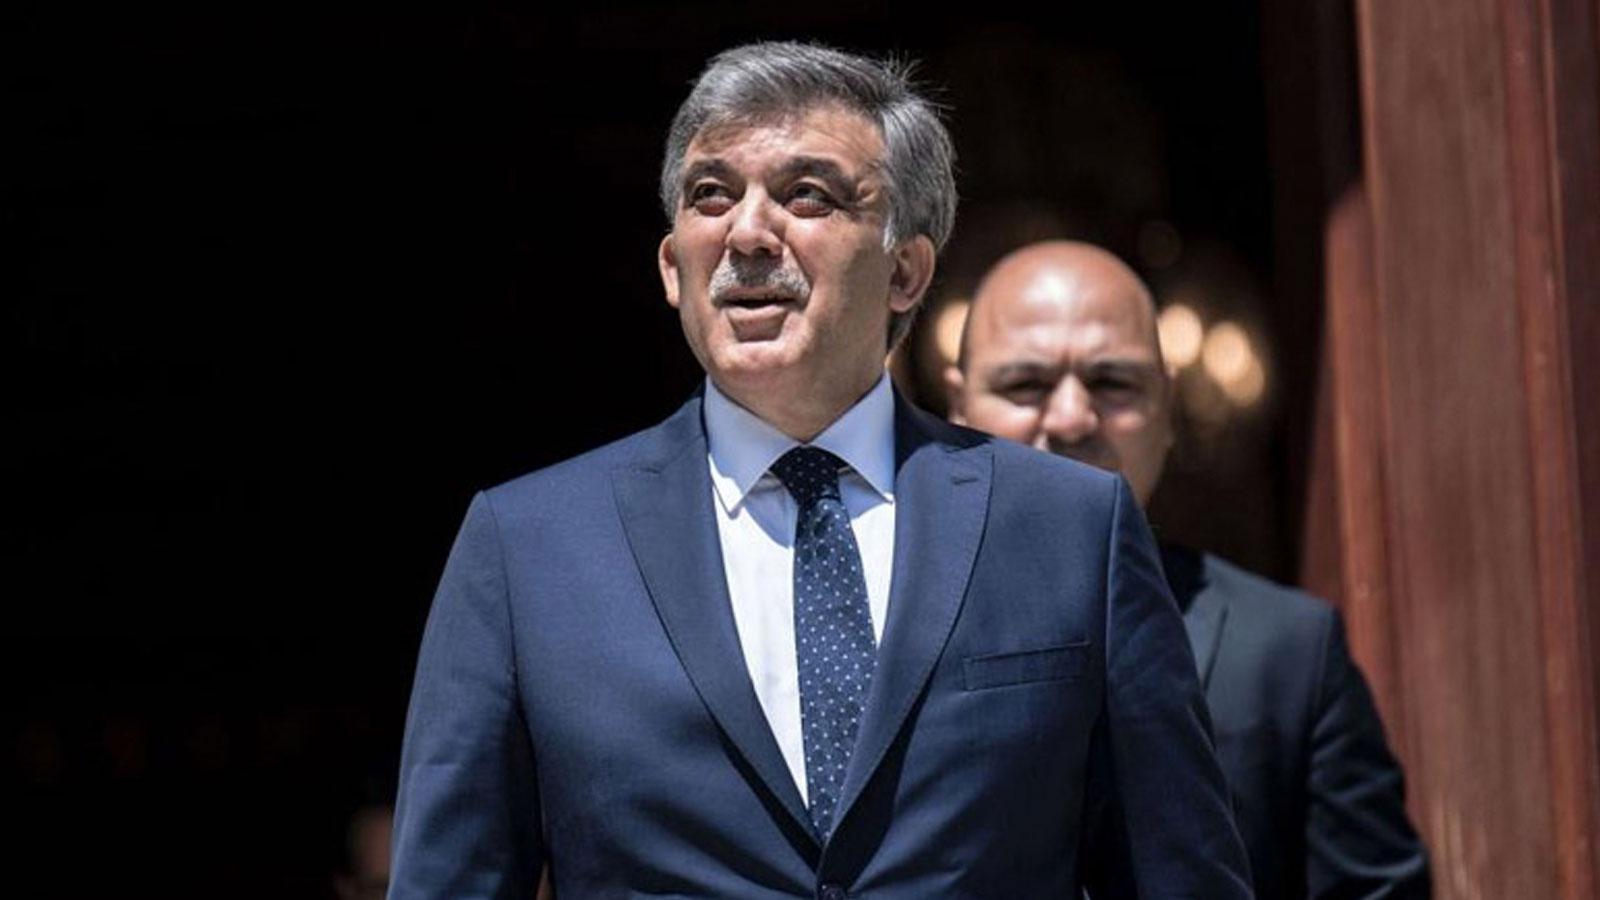 """11. Cumhurbaşkanı Gül'ün ofisi """"Gül ile Akar'ın evinde görüşen Erdoğan, parlamenter siteme dönüşü teklif etti"""" iddiasını yalanladı"""